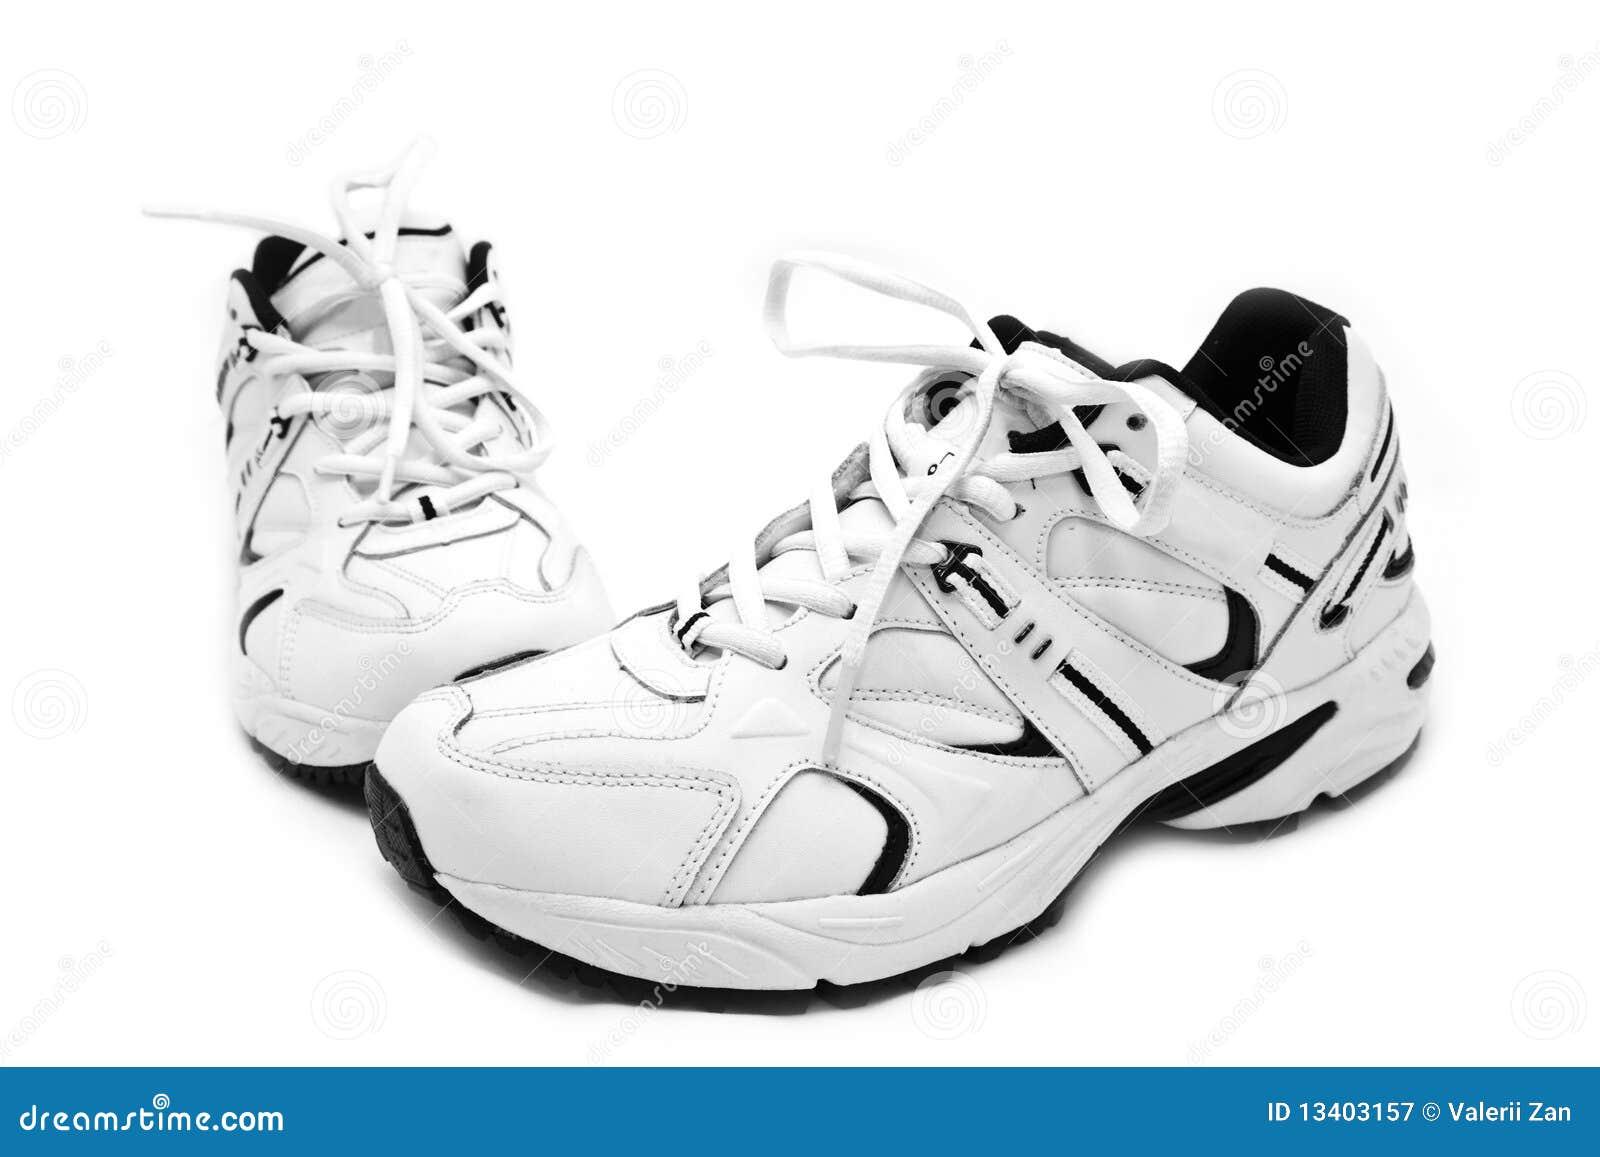 204d7c03a262a Blanche Chaussure Conseils Sur Du Et Pratique La Sport qgvvxnpz